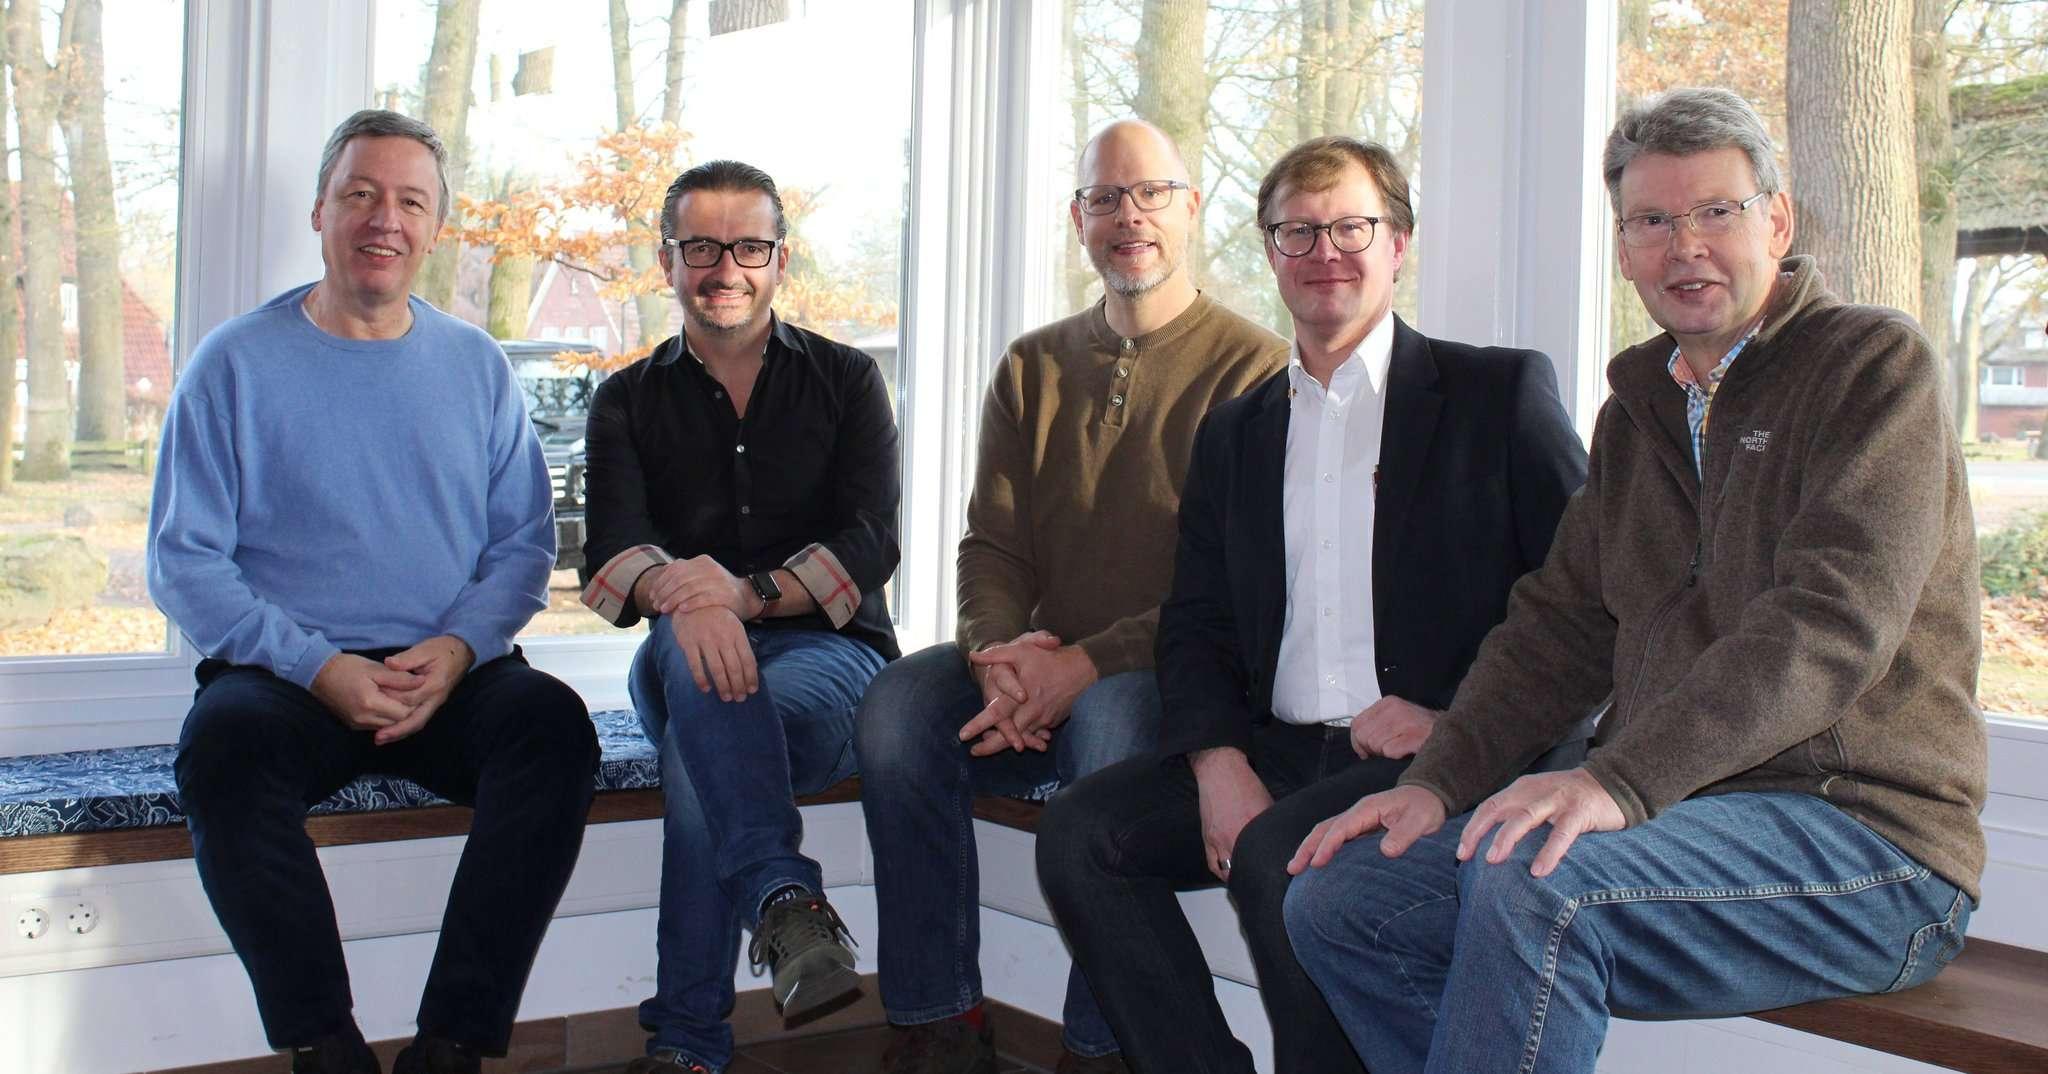 Der Scheeßeler Heimatverein und die Lions, vertreten durch Thilo Helmschmied (Zweiter von links) freuen sich über die harmonische Zusammenarbeit. Foto: Ann-Christin Beims